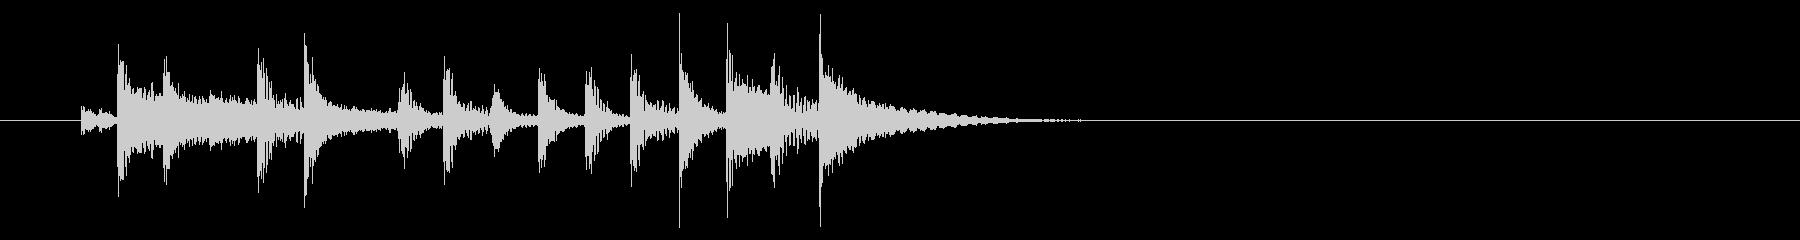 ファンク系ジングル、ドラムのみの未再生の波形